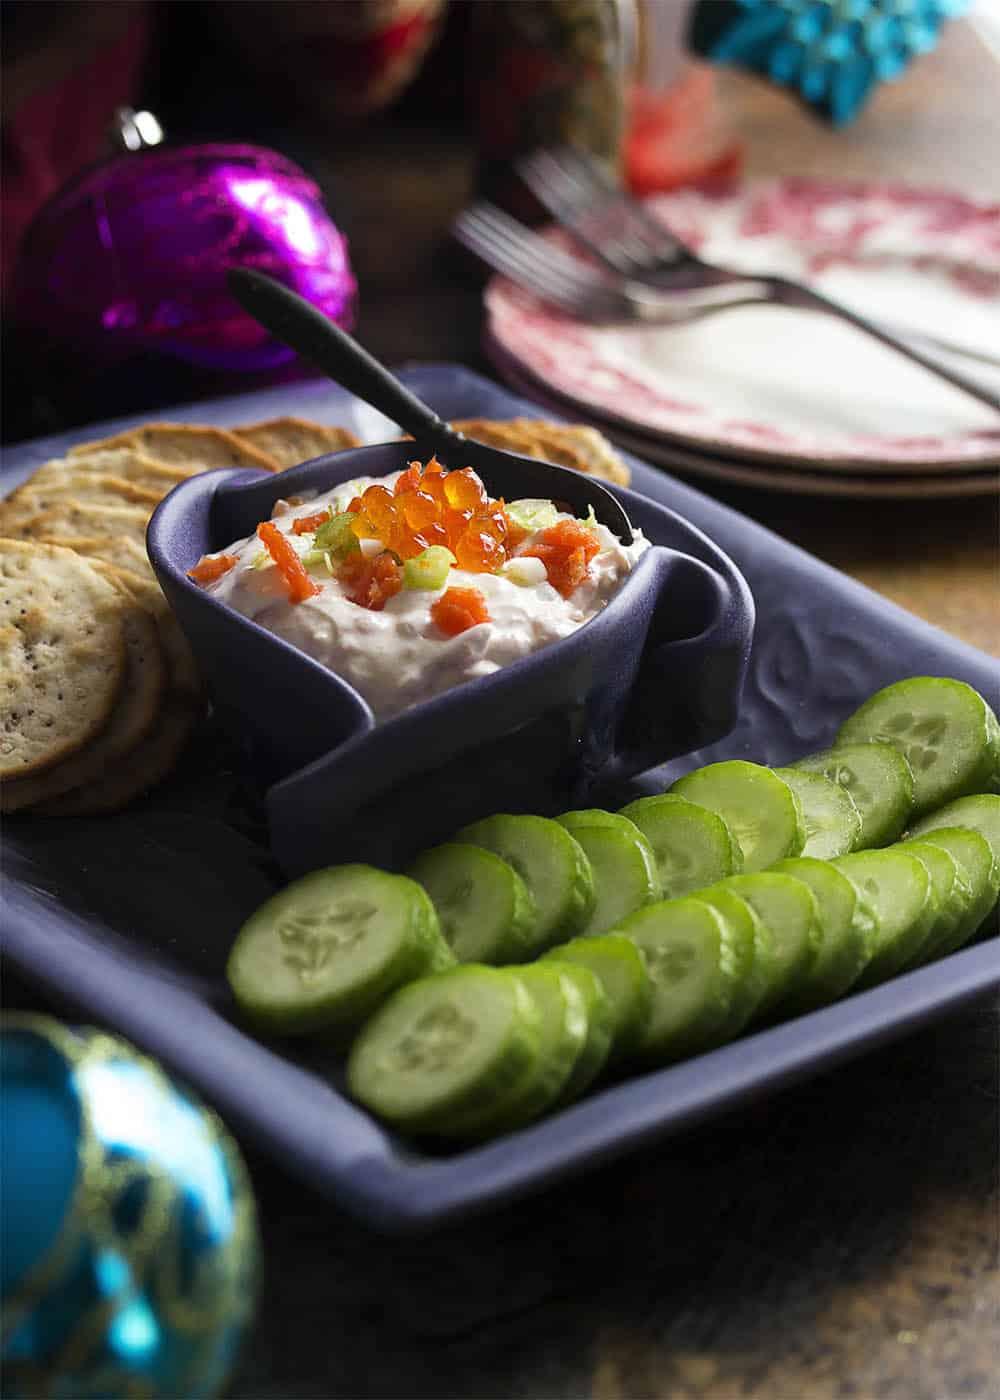 caviar and smoked salmon dip - lox recipes roundup